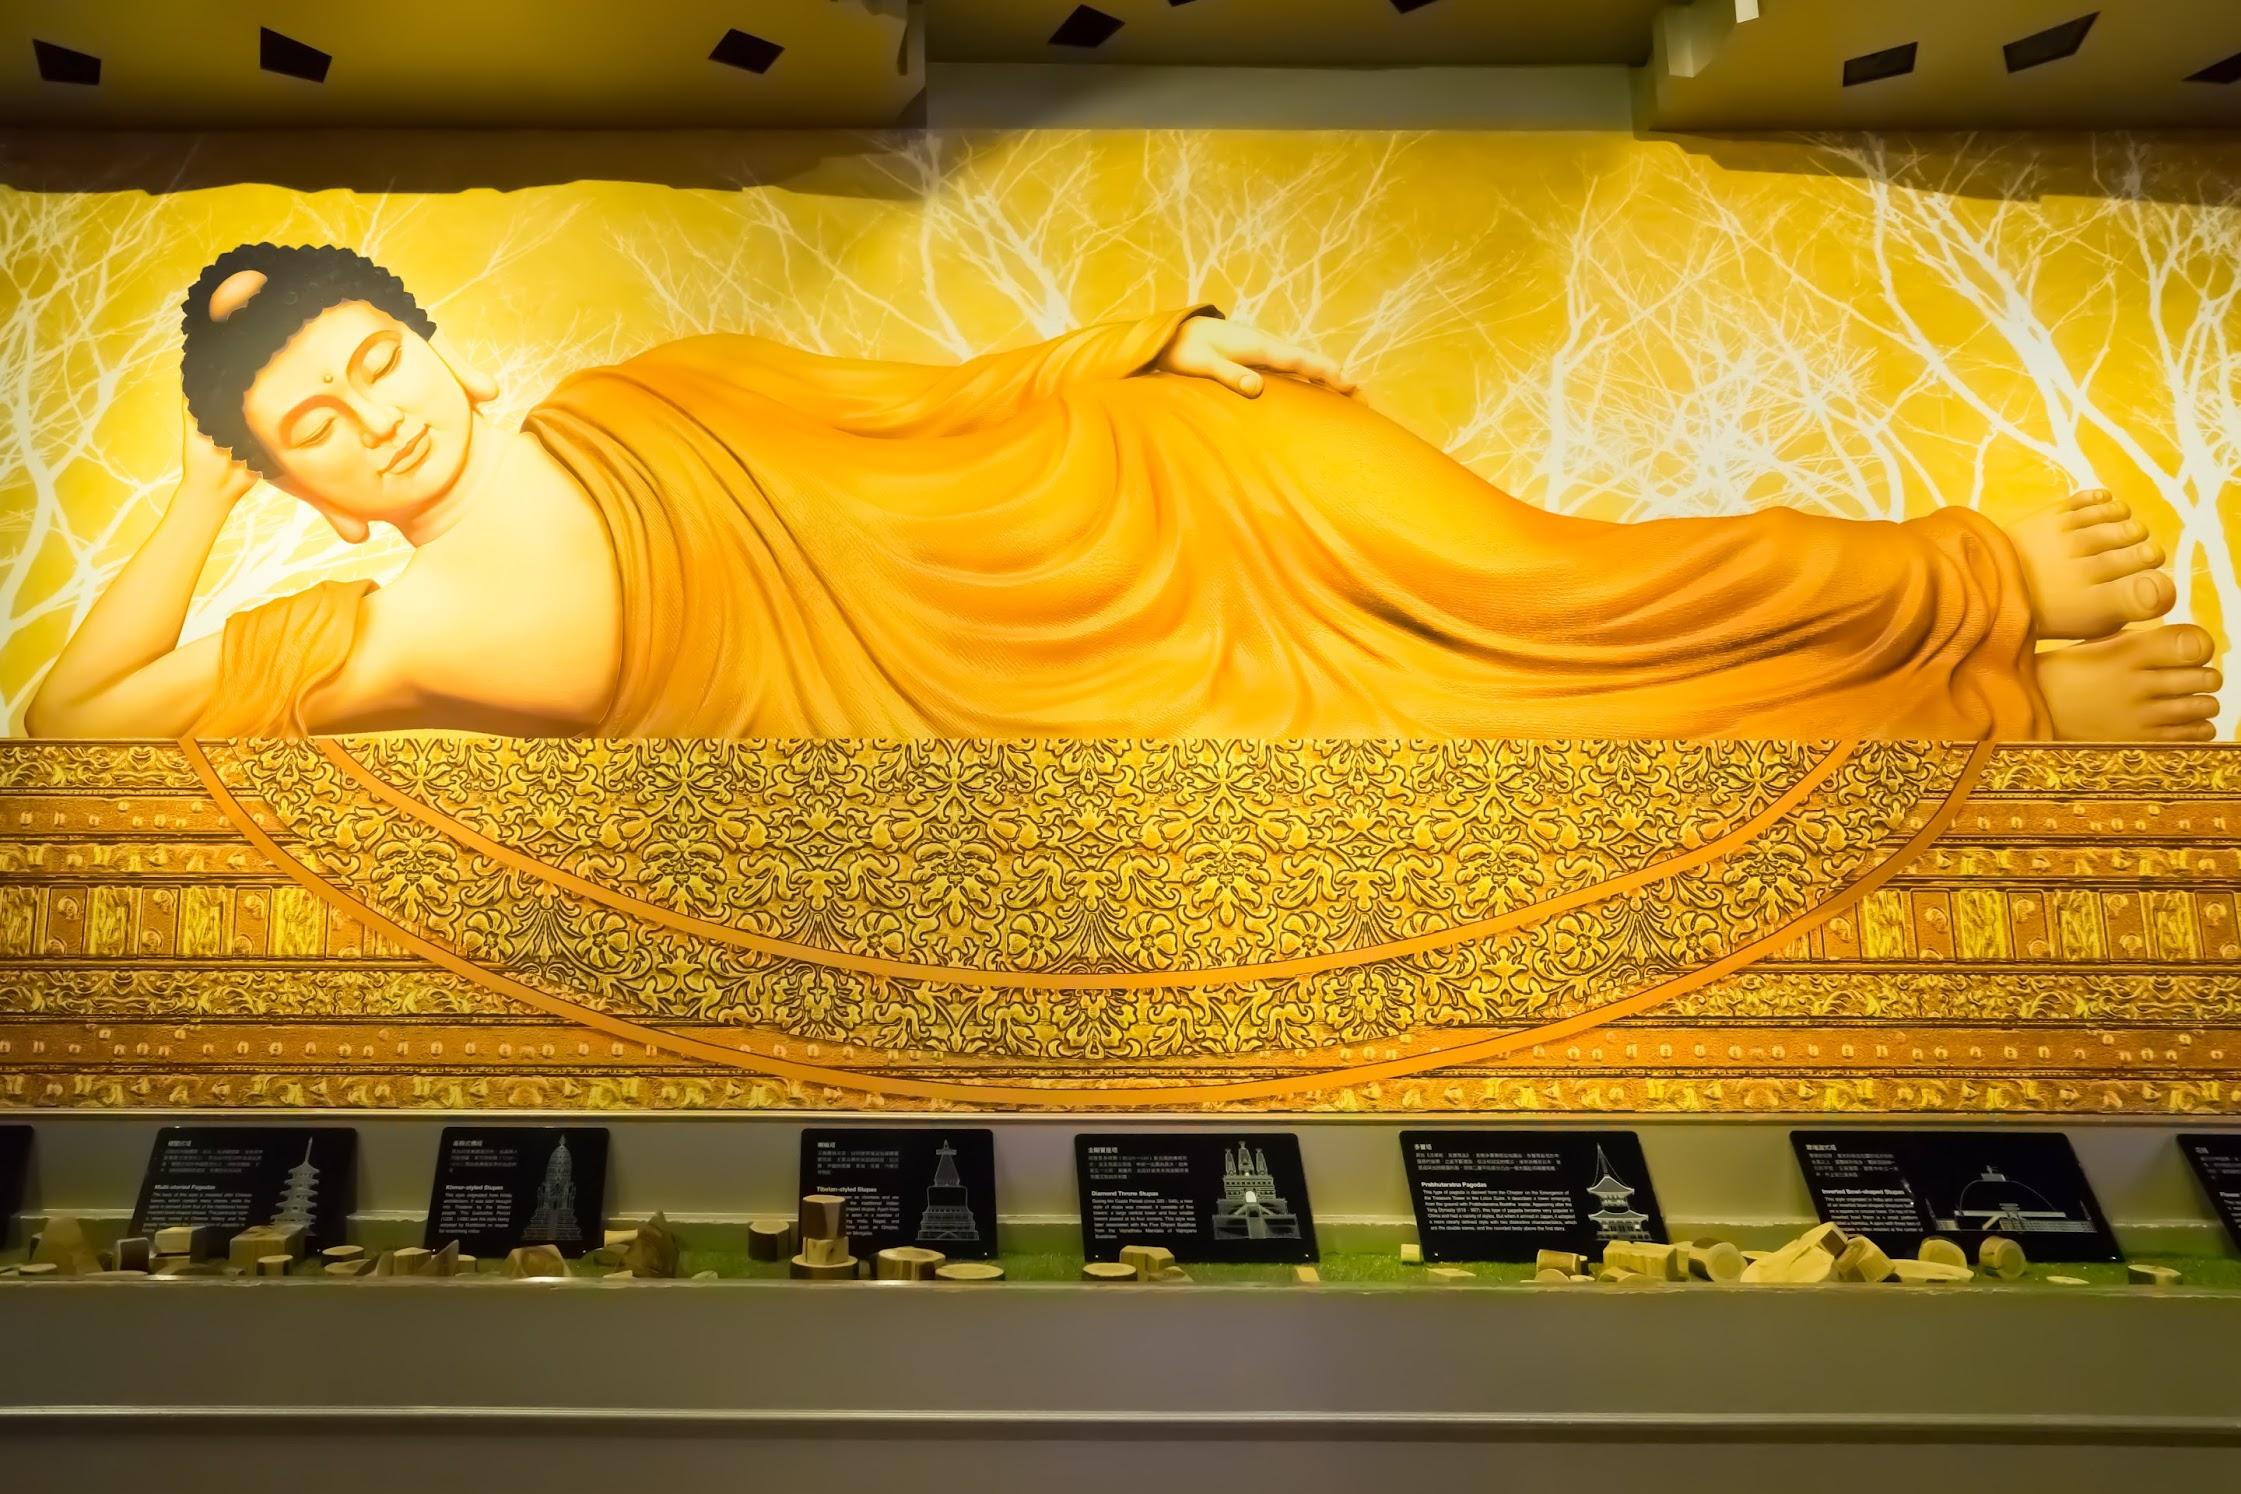 台湾 高雄 佛光山佛陀紀念館 展示7